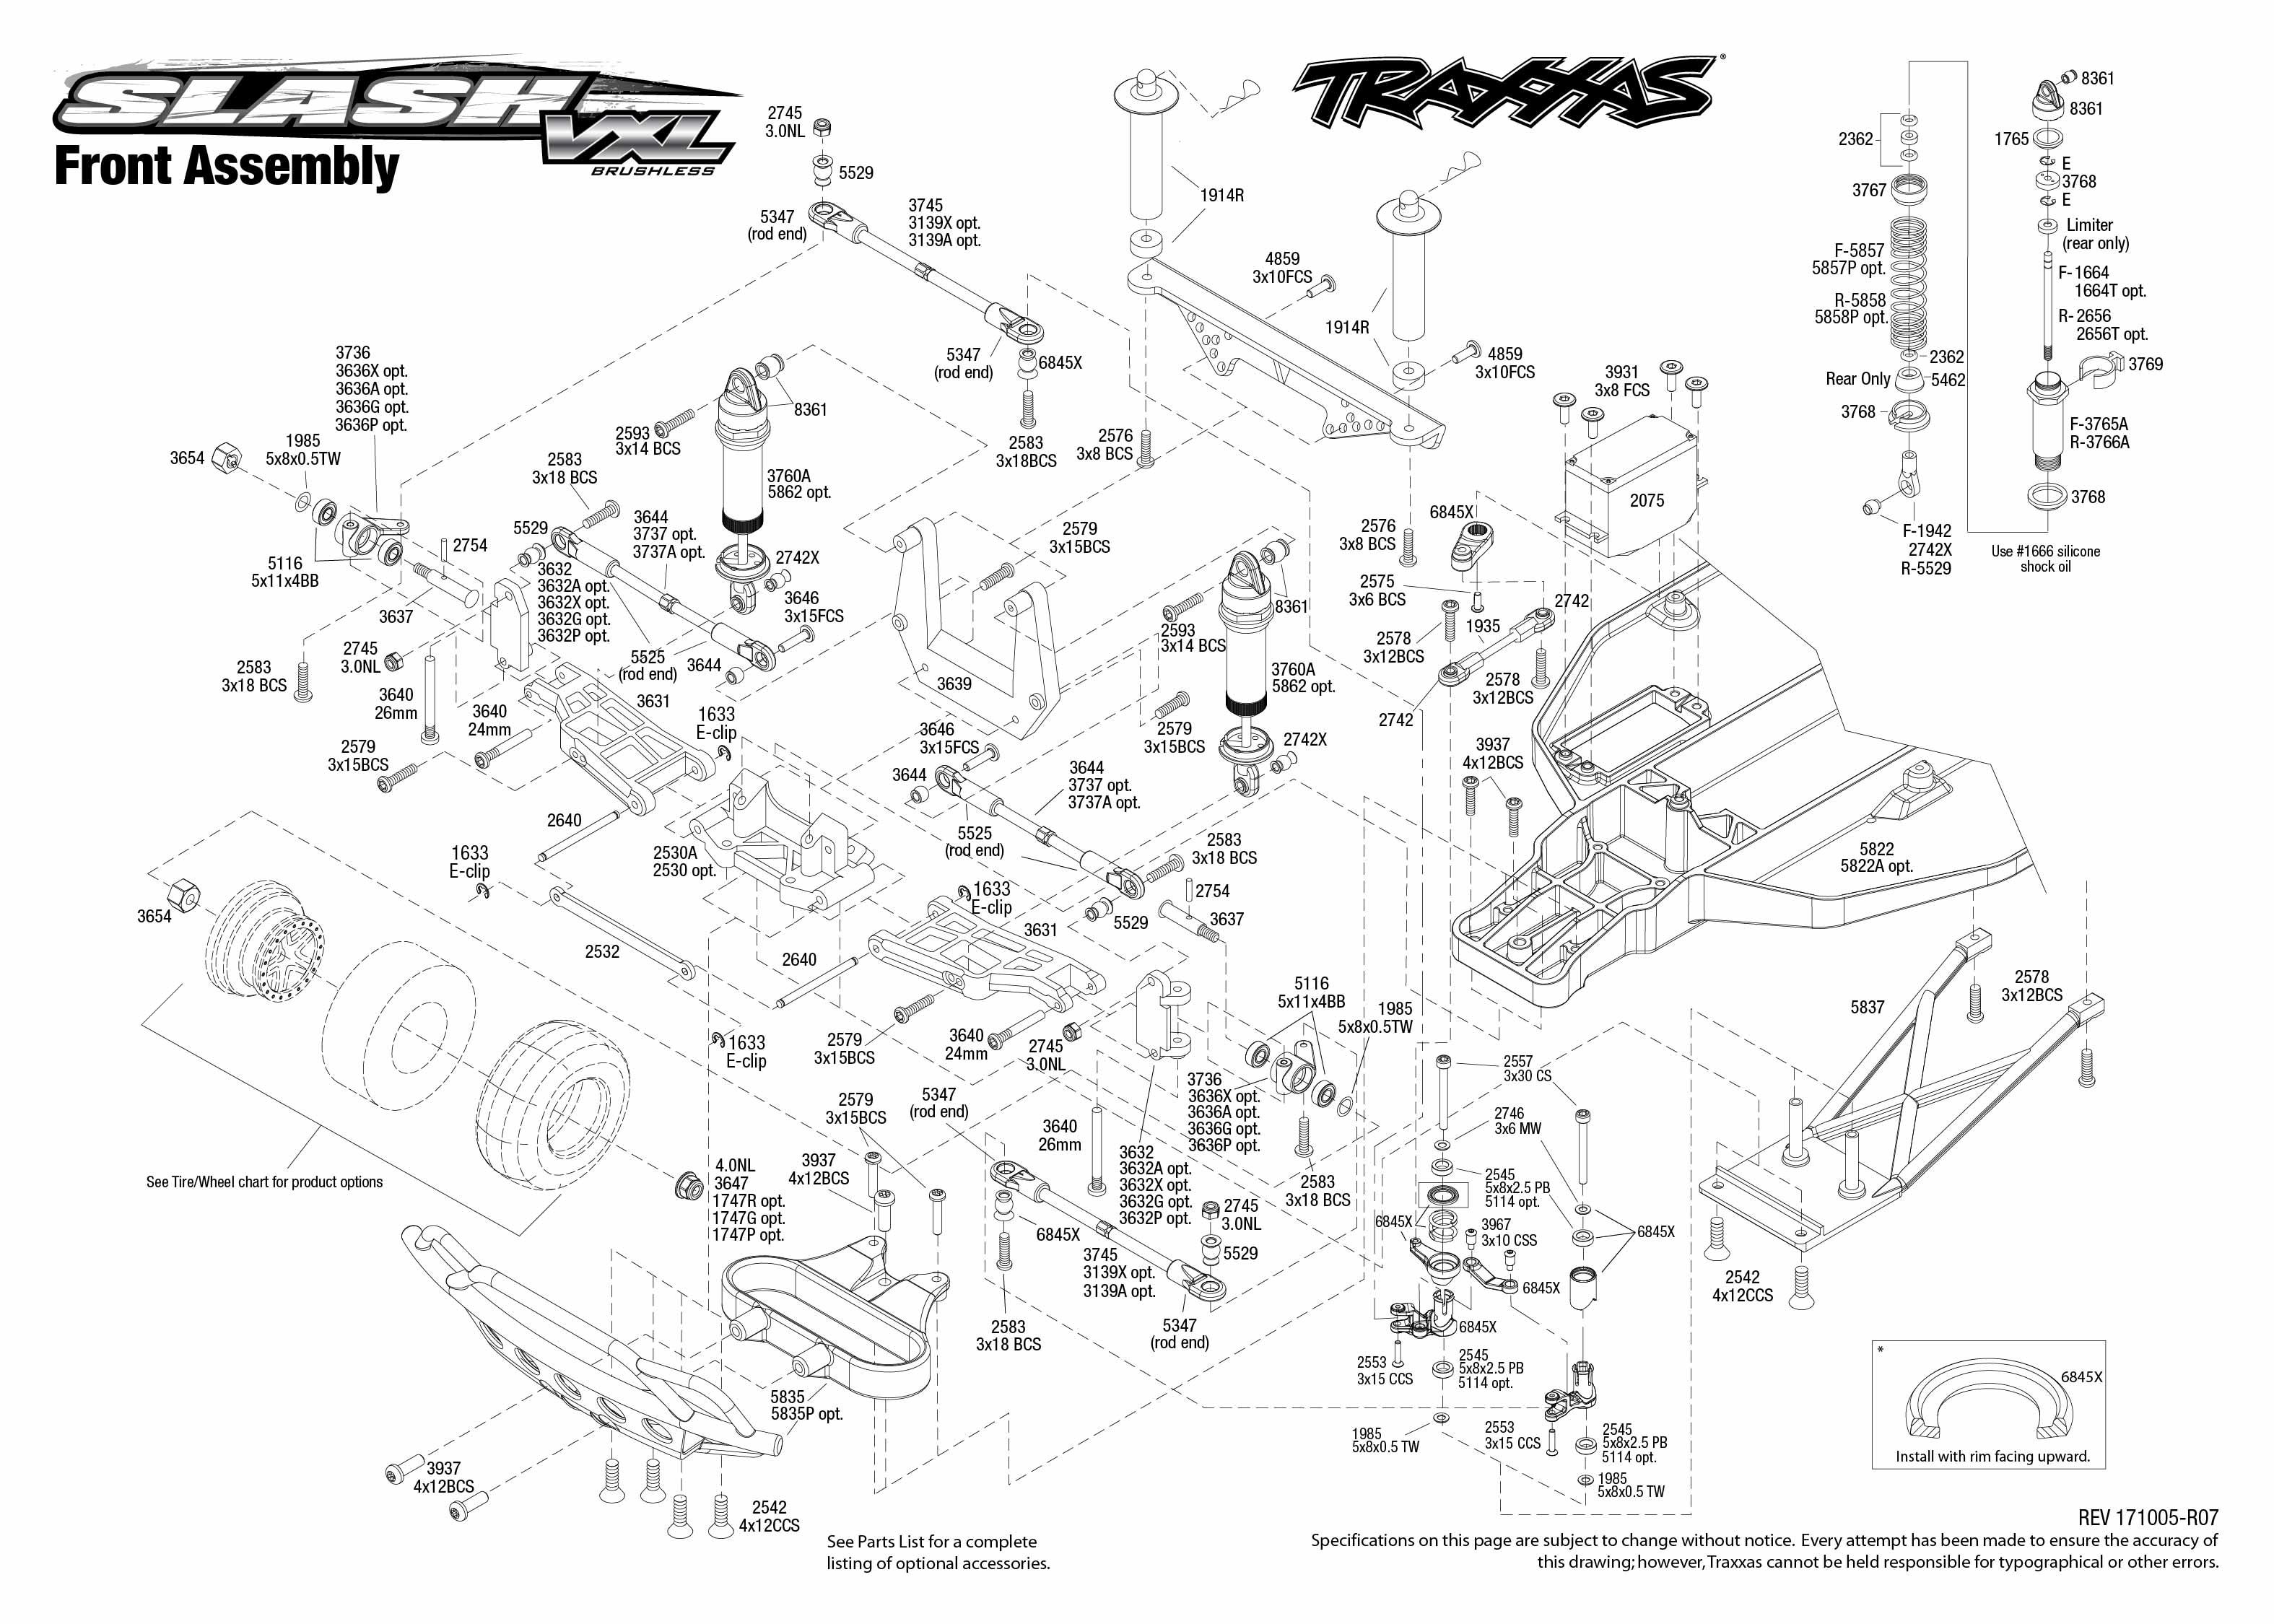 Traxxas 580764T4 Slash VXL 1/10 RTR 2WD Short Course Truck